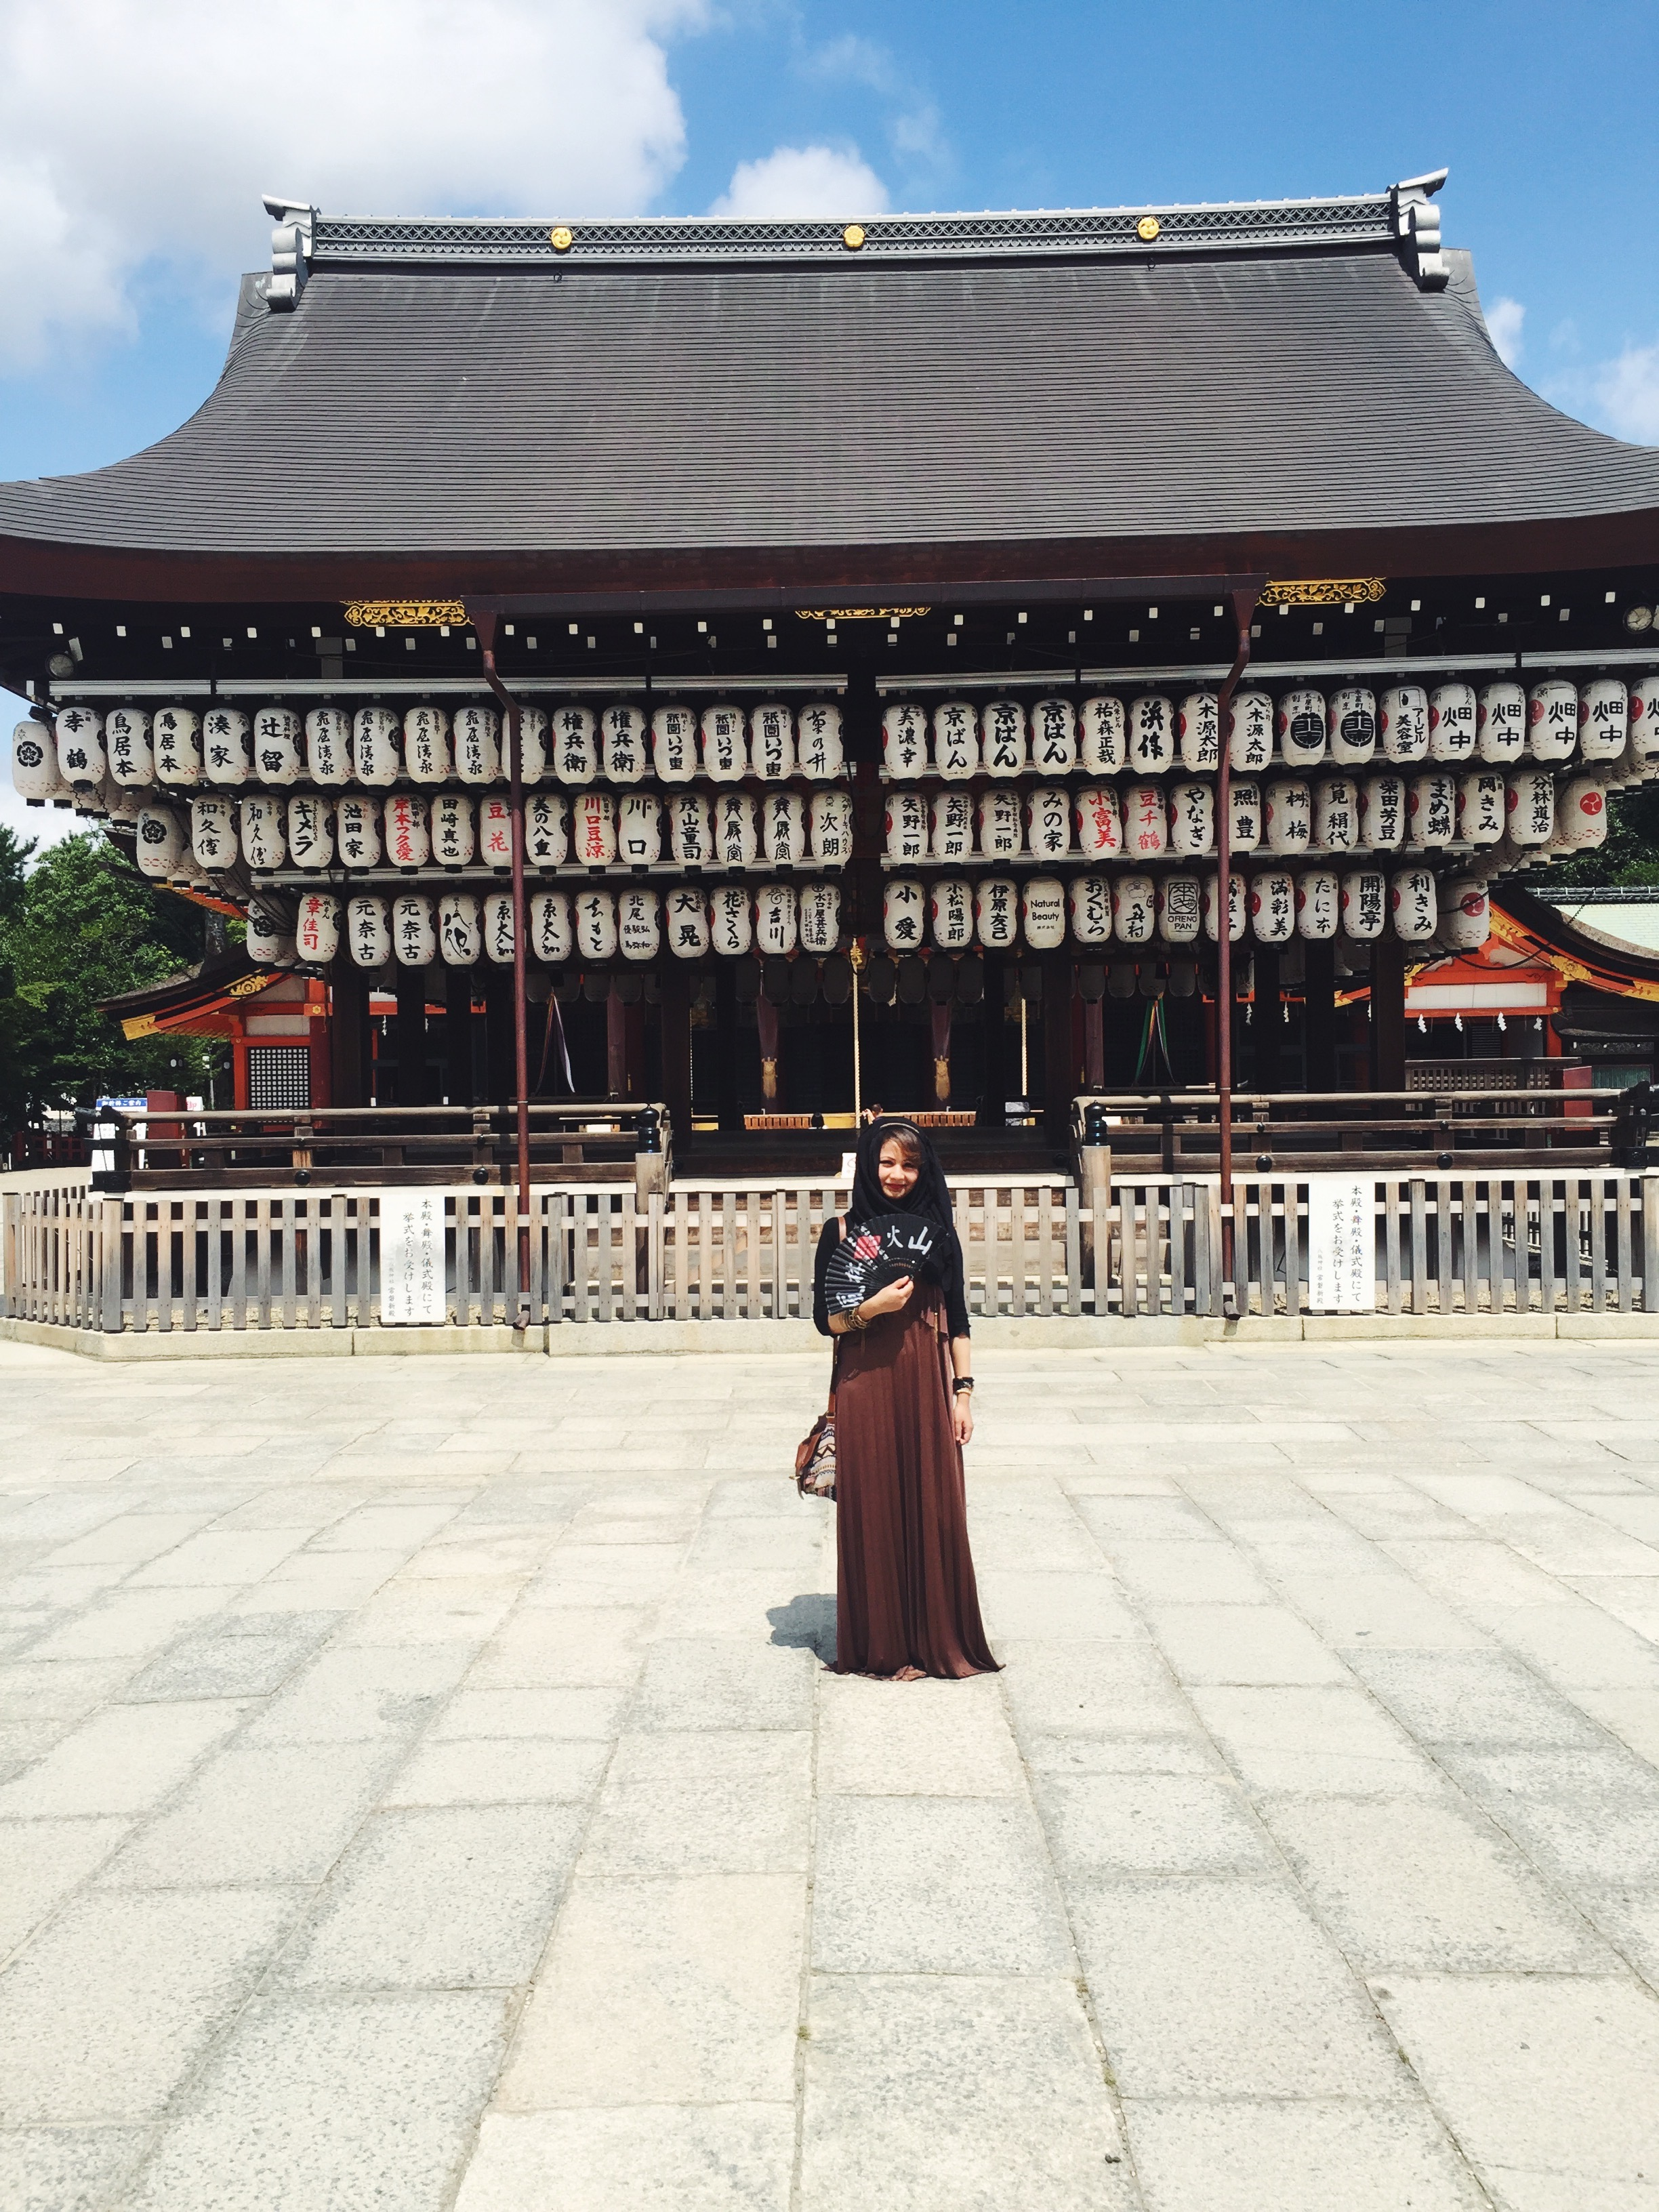 Muslim-halal-travel-Kyoto-Yasaka-Shrine-Lanterns.jpg